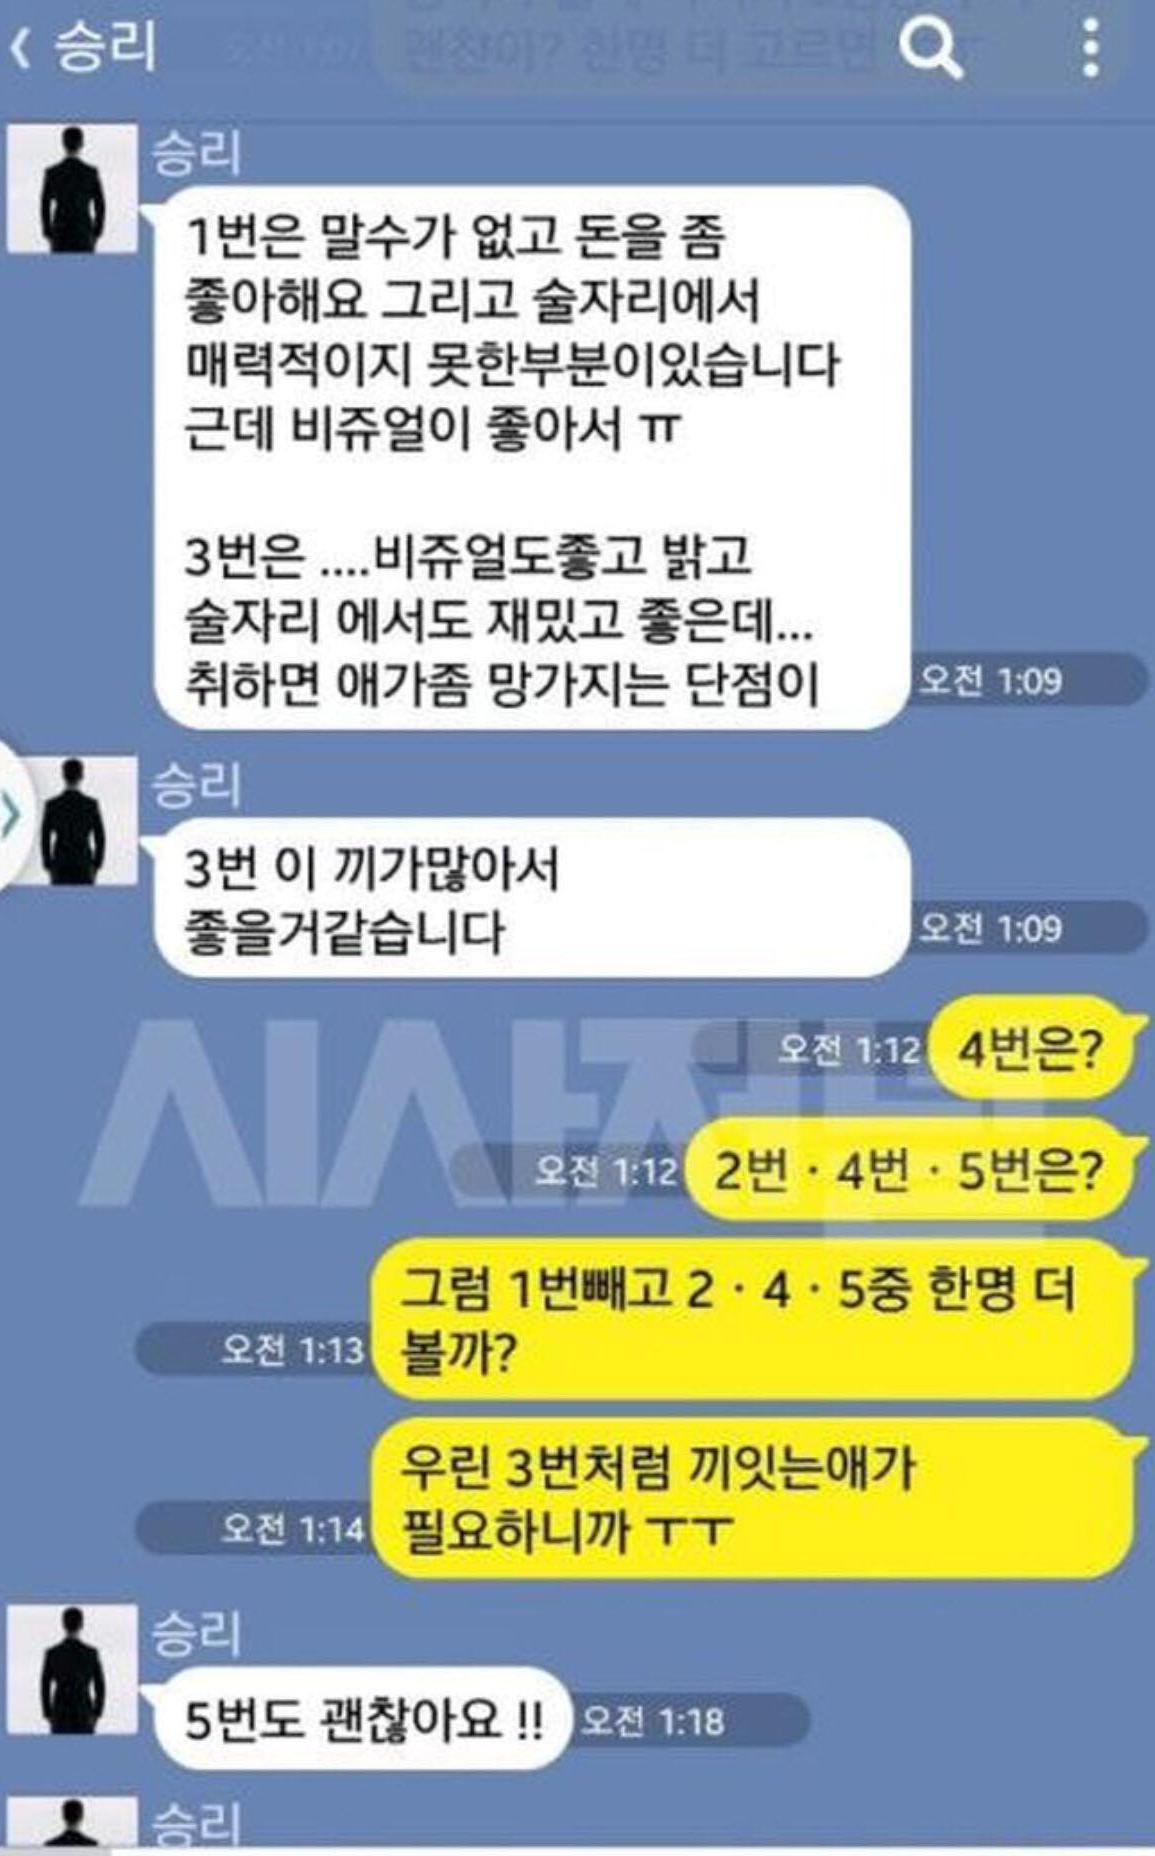 YG 'phũ như người yêu cũ' khi nói về tội danh mới của Seungri: 'Đã hết hợp đồng, chúng tôi không có gì để nói' 1